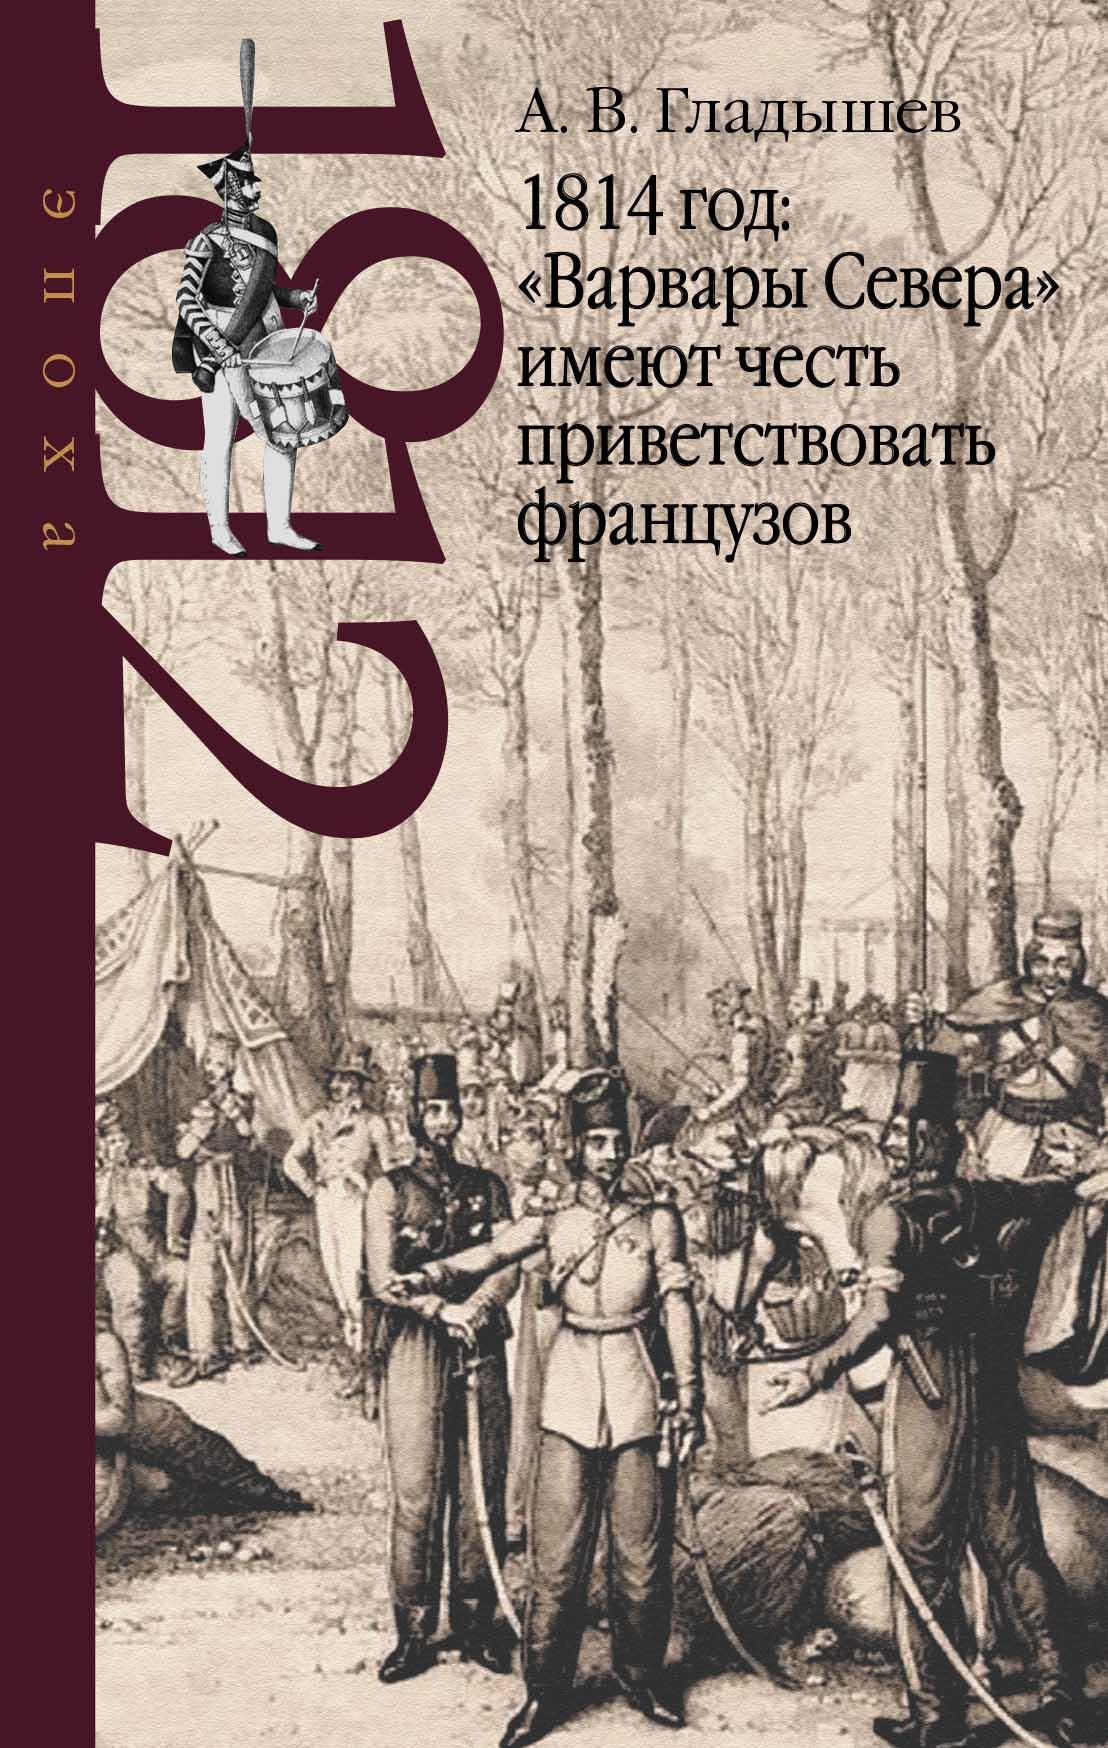 """Гладышев Андрей Владимирович 1814 год: """"Варвары Севера"""" имеют честь приветствовать французов."""